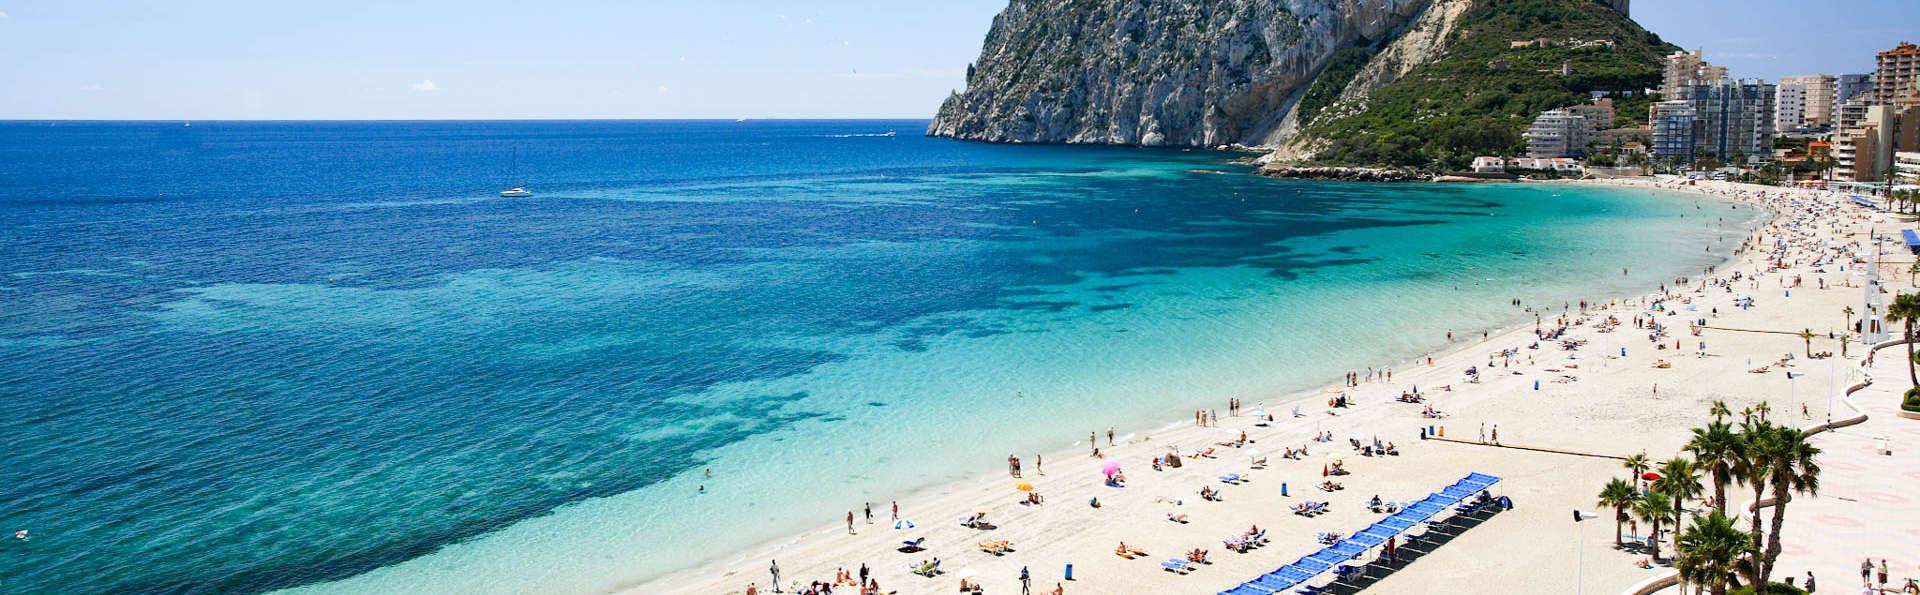 El paraíso a tu alcance: escapada en Calpe a un paso de la playa